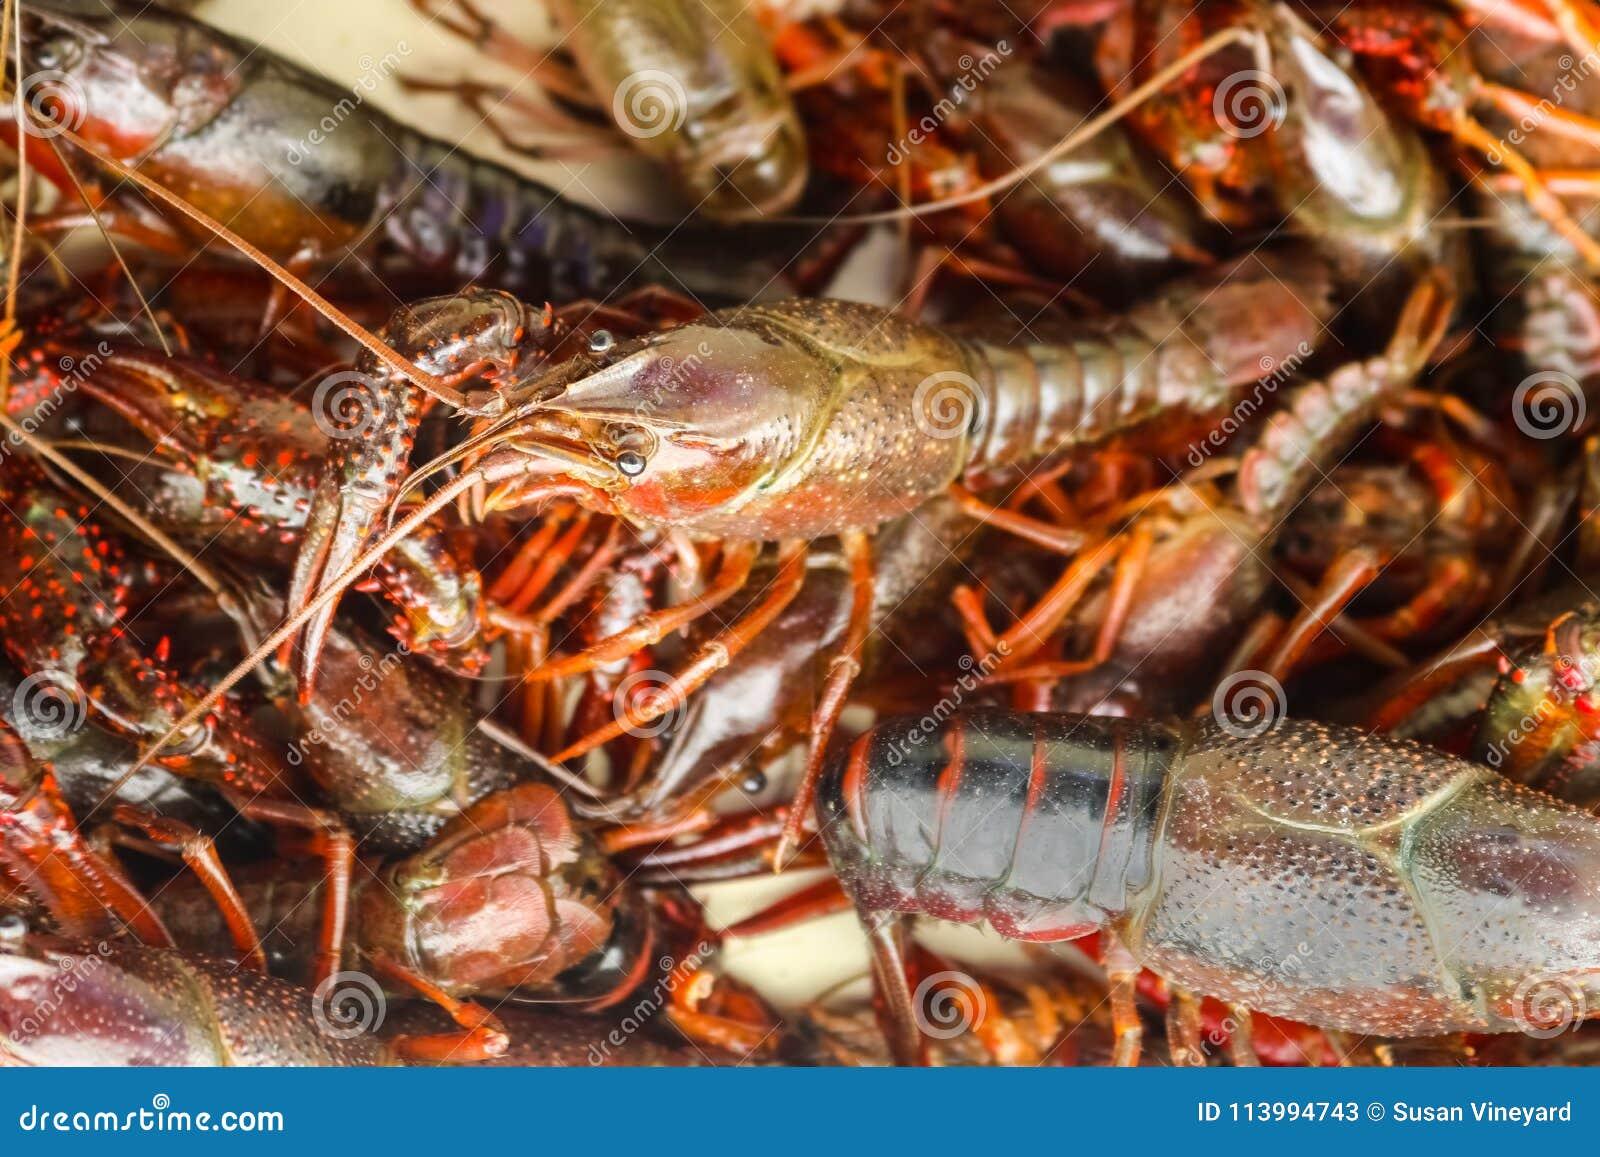 Leef rivierkreeften of rivierkreeften of crawdad in een stapel klaar om bij een rivierkreeft worden gekookt kook